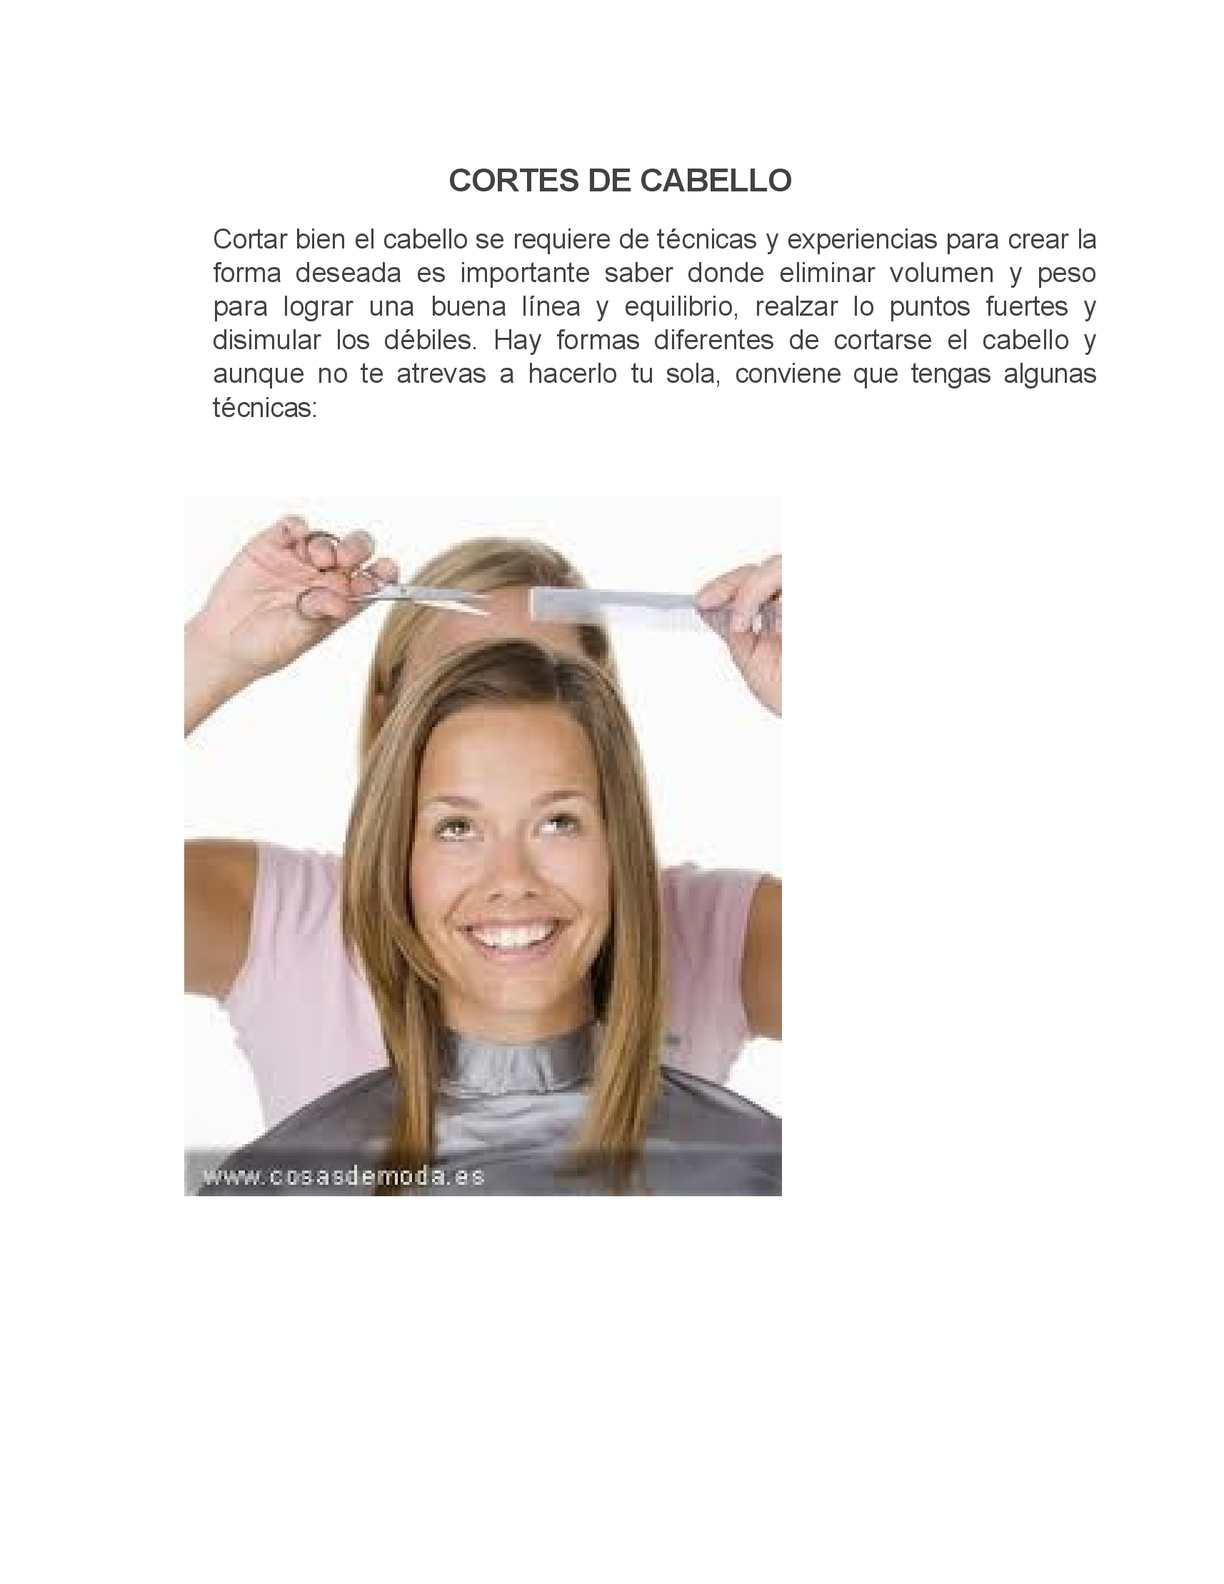 Corte de cabello en capas verticales